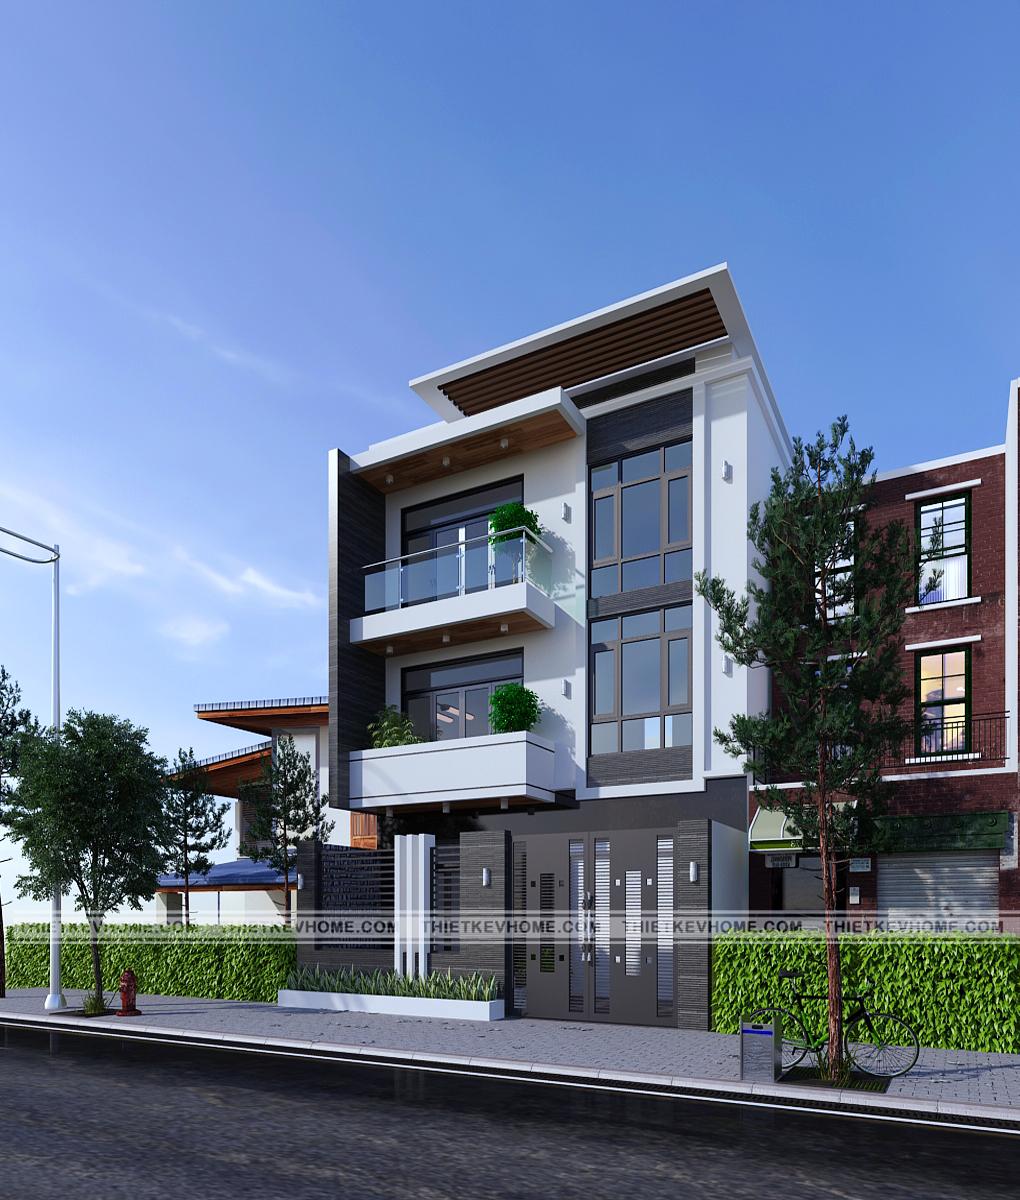 thiết kế kiến trúc nhà phố hải dương – anh hoài Thiết kế kiến trúc nhà phố Hải Dương – anh Hoài thiet ke kien truc nha pho hai duong 2